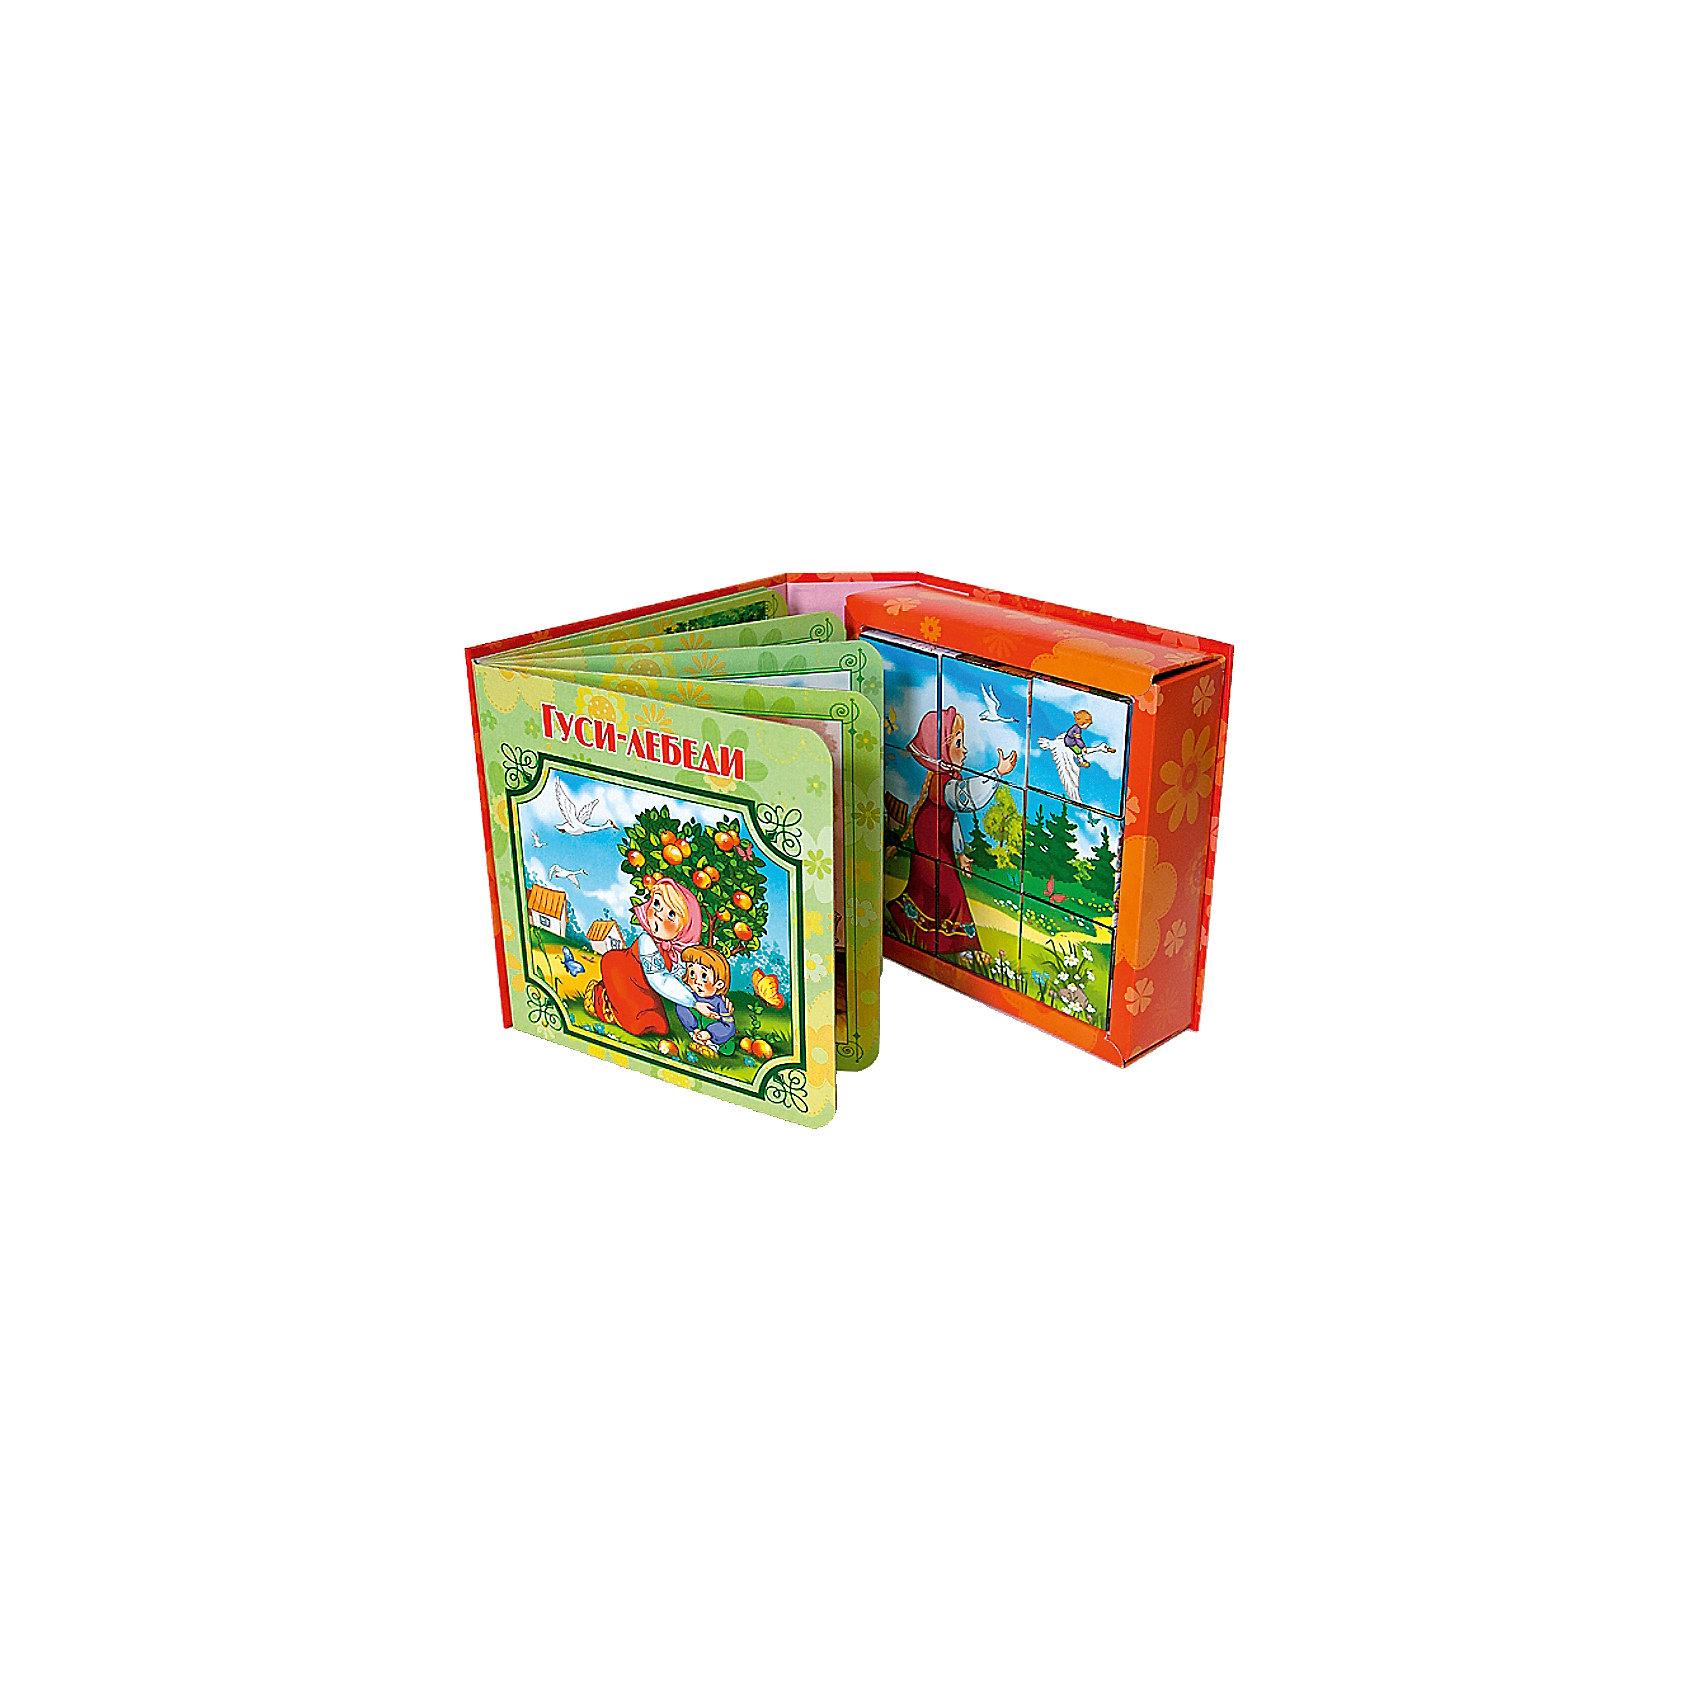 Проф-Пресс Книжка-игрушка Гуси-лебеди проф пресс книжка игрушка гадкий утёнок